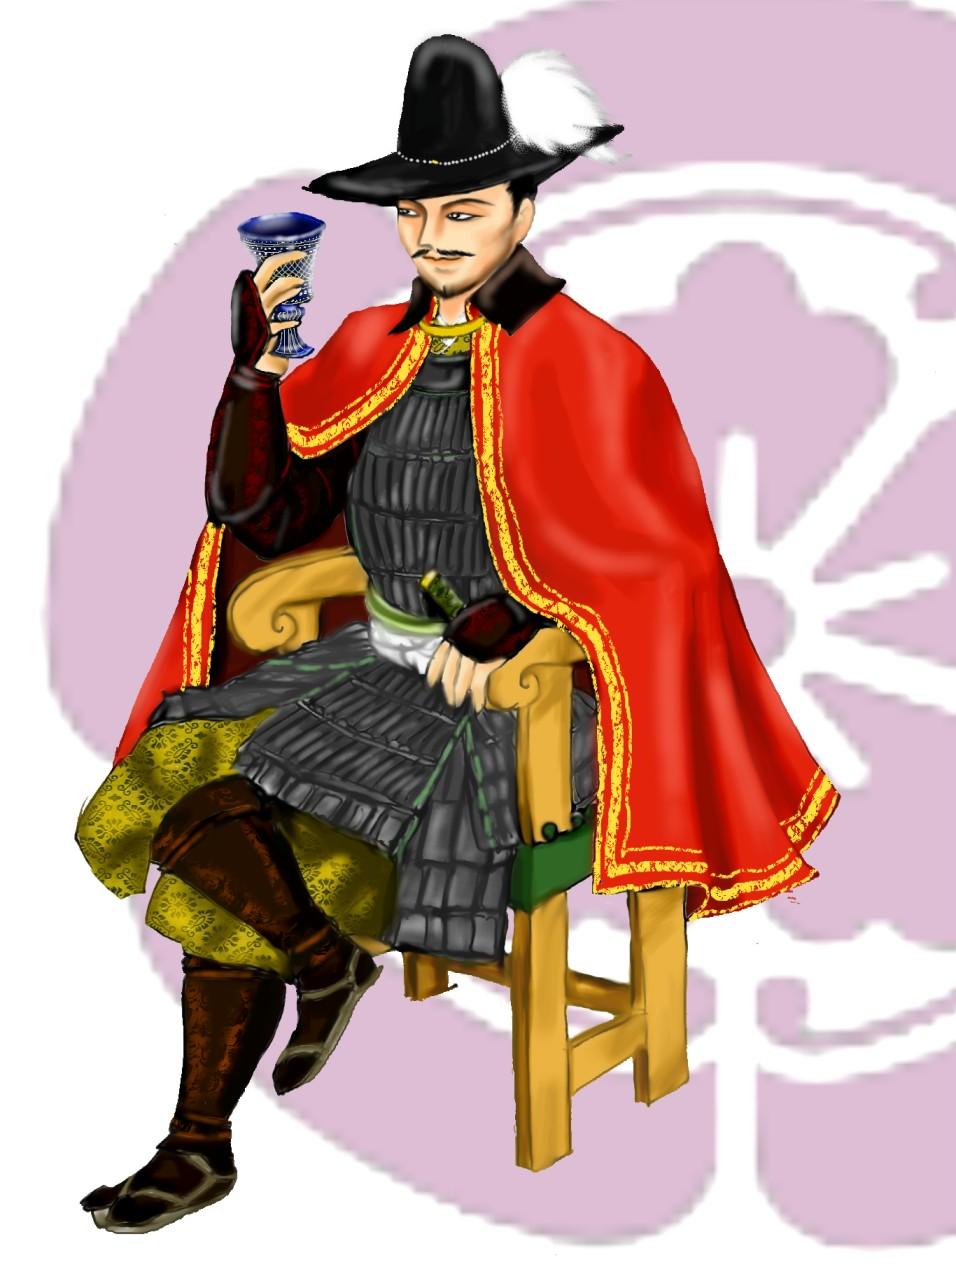 葡萄酒を飲む室町時代の人の絵